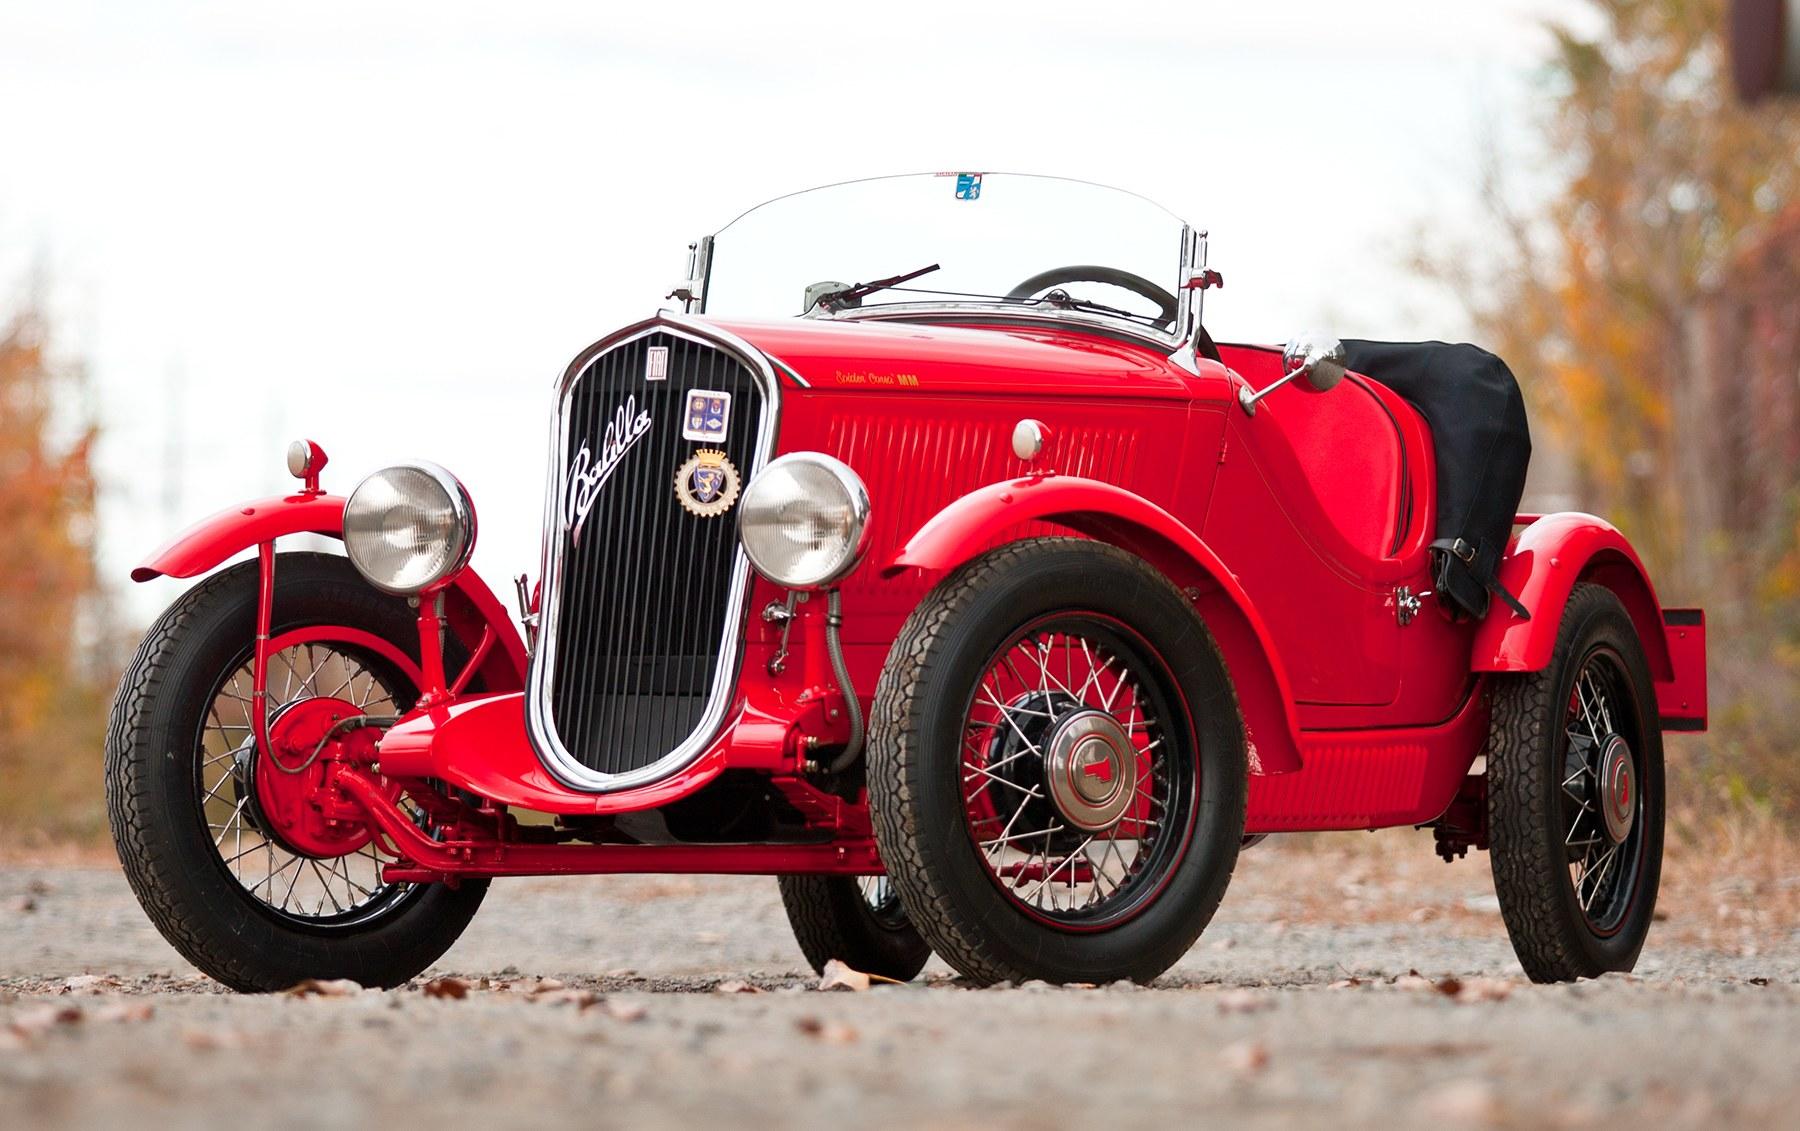 1935 Fiat Balilla Sport Spider 508 S